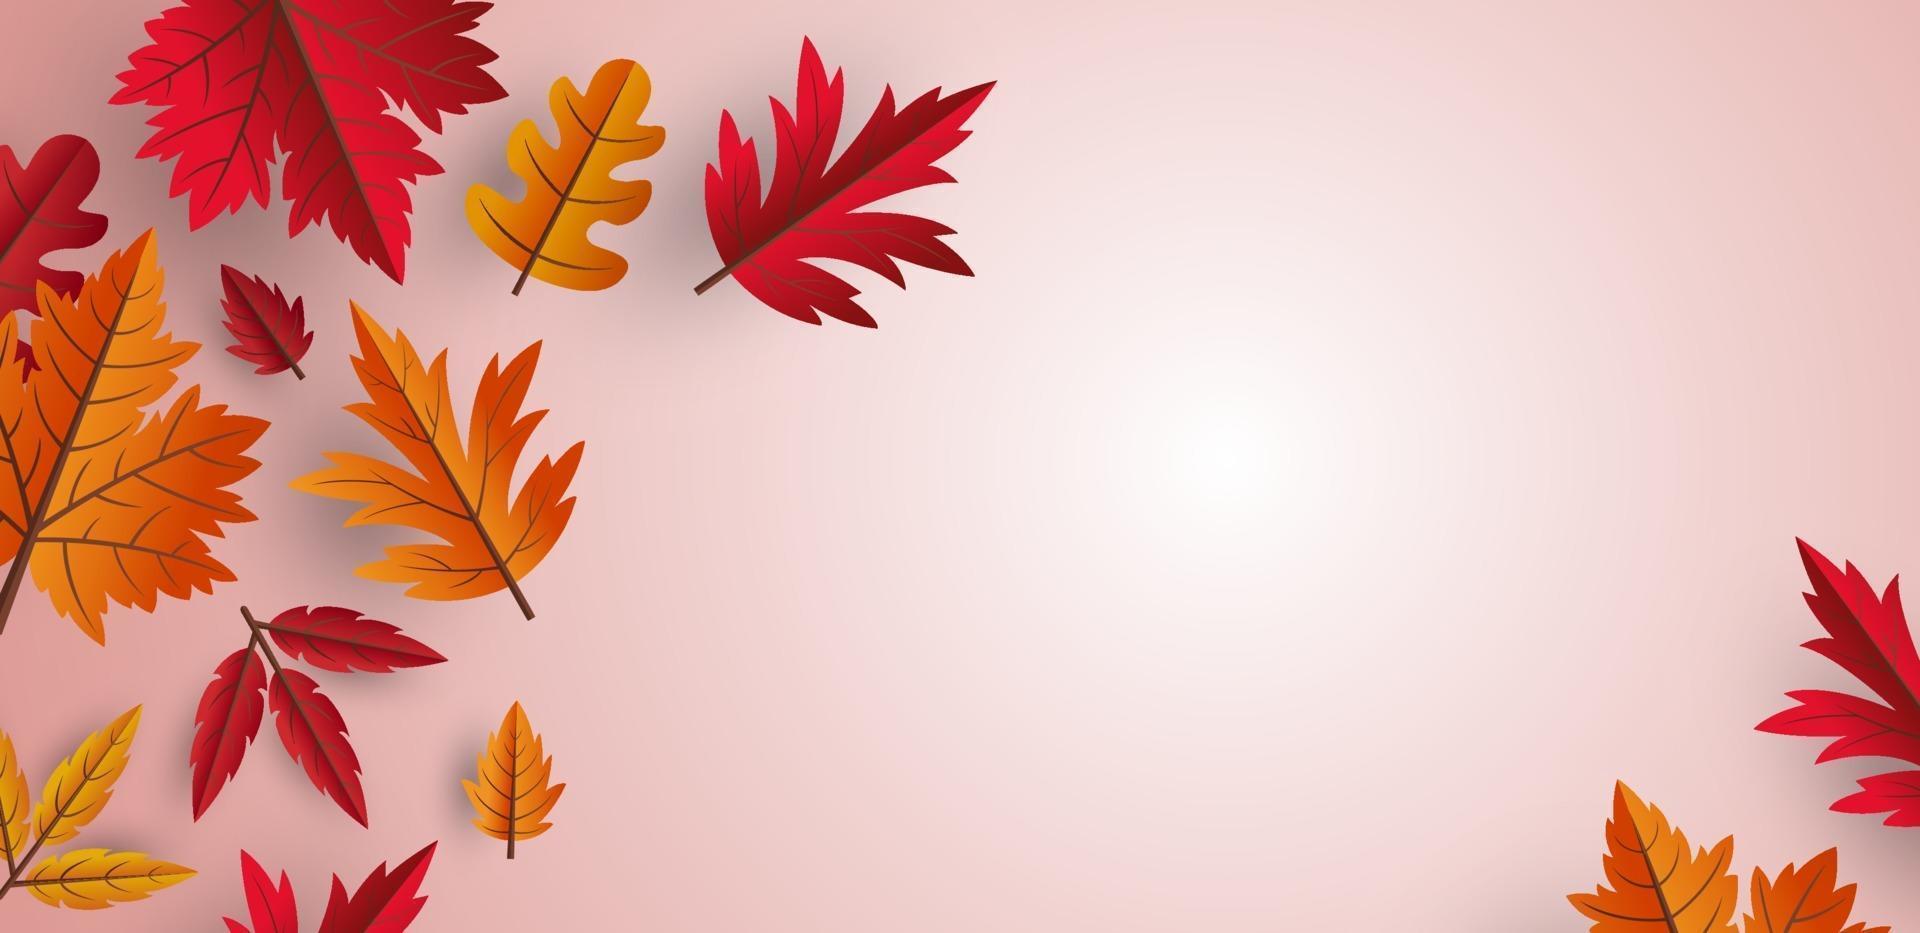 Diseño de fondo de hojas de otoño con ilustración de vector de espacio de copia